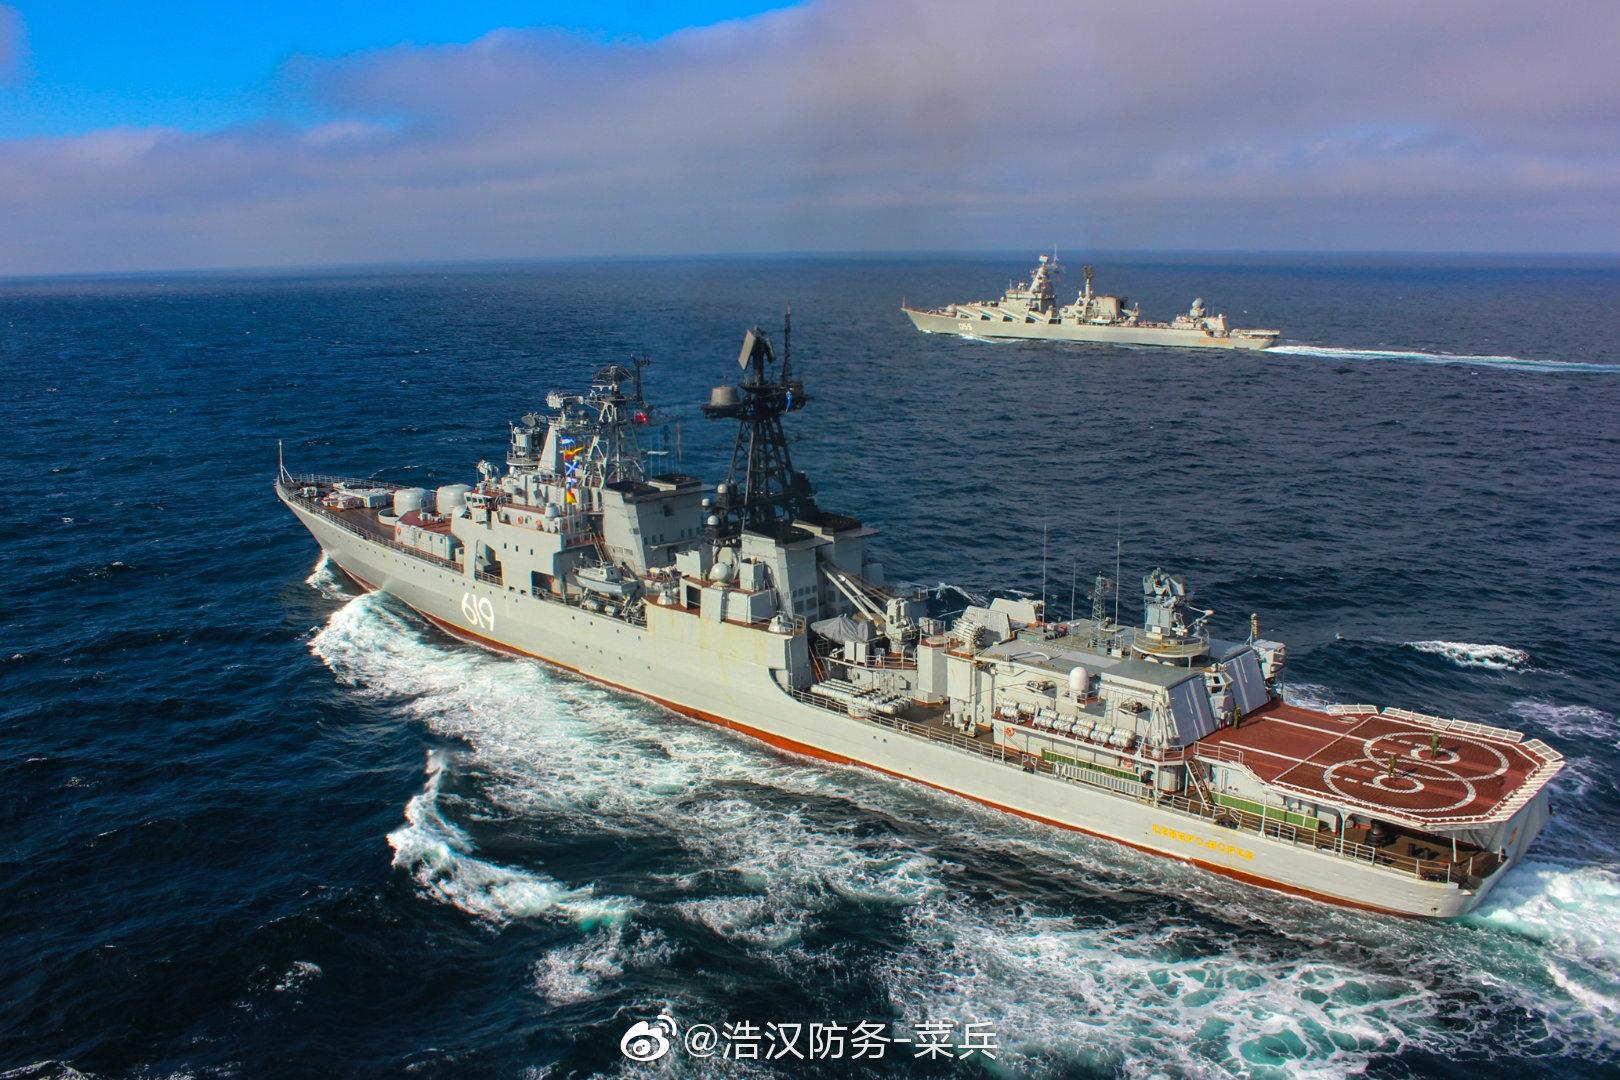 俄罗斯海军1155大型反潜驱逐舰